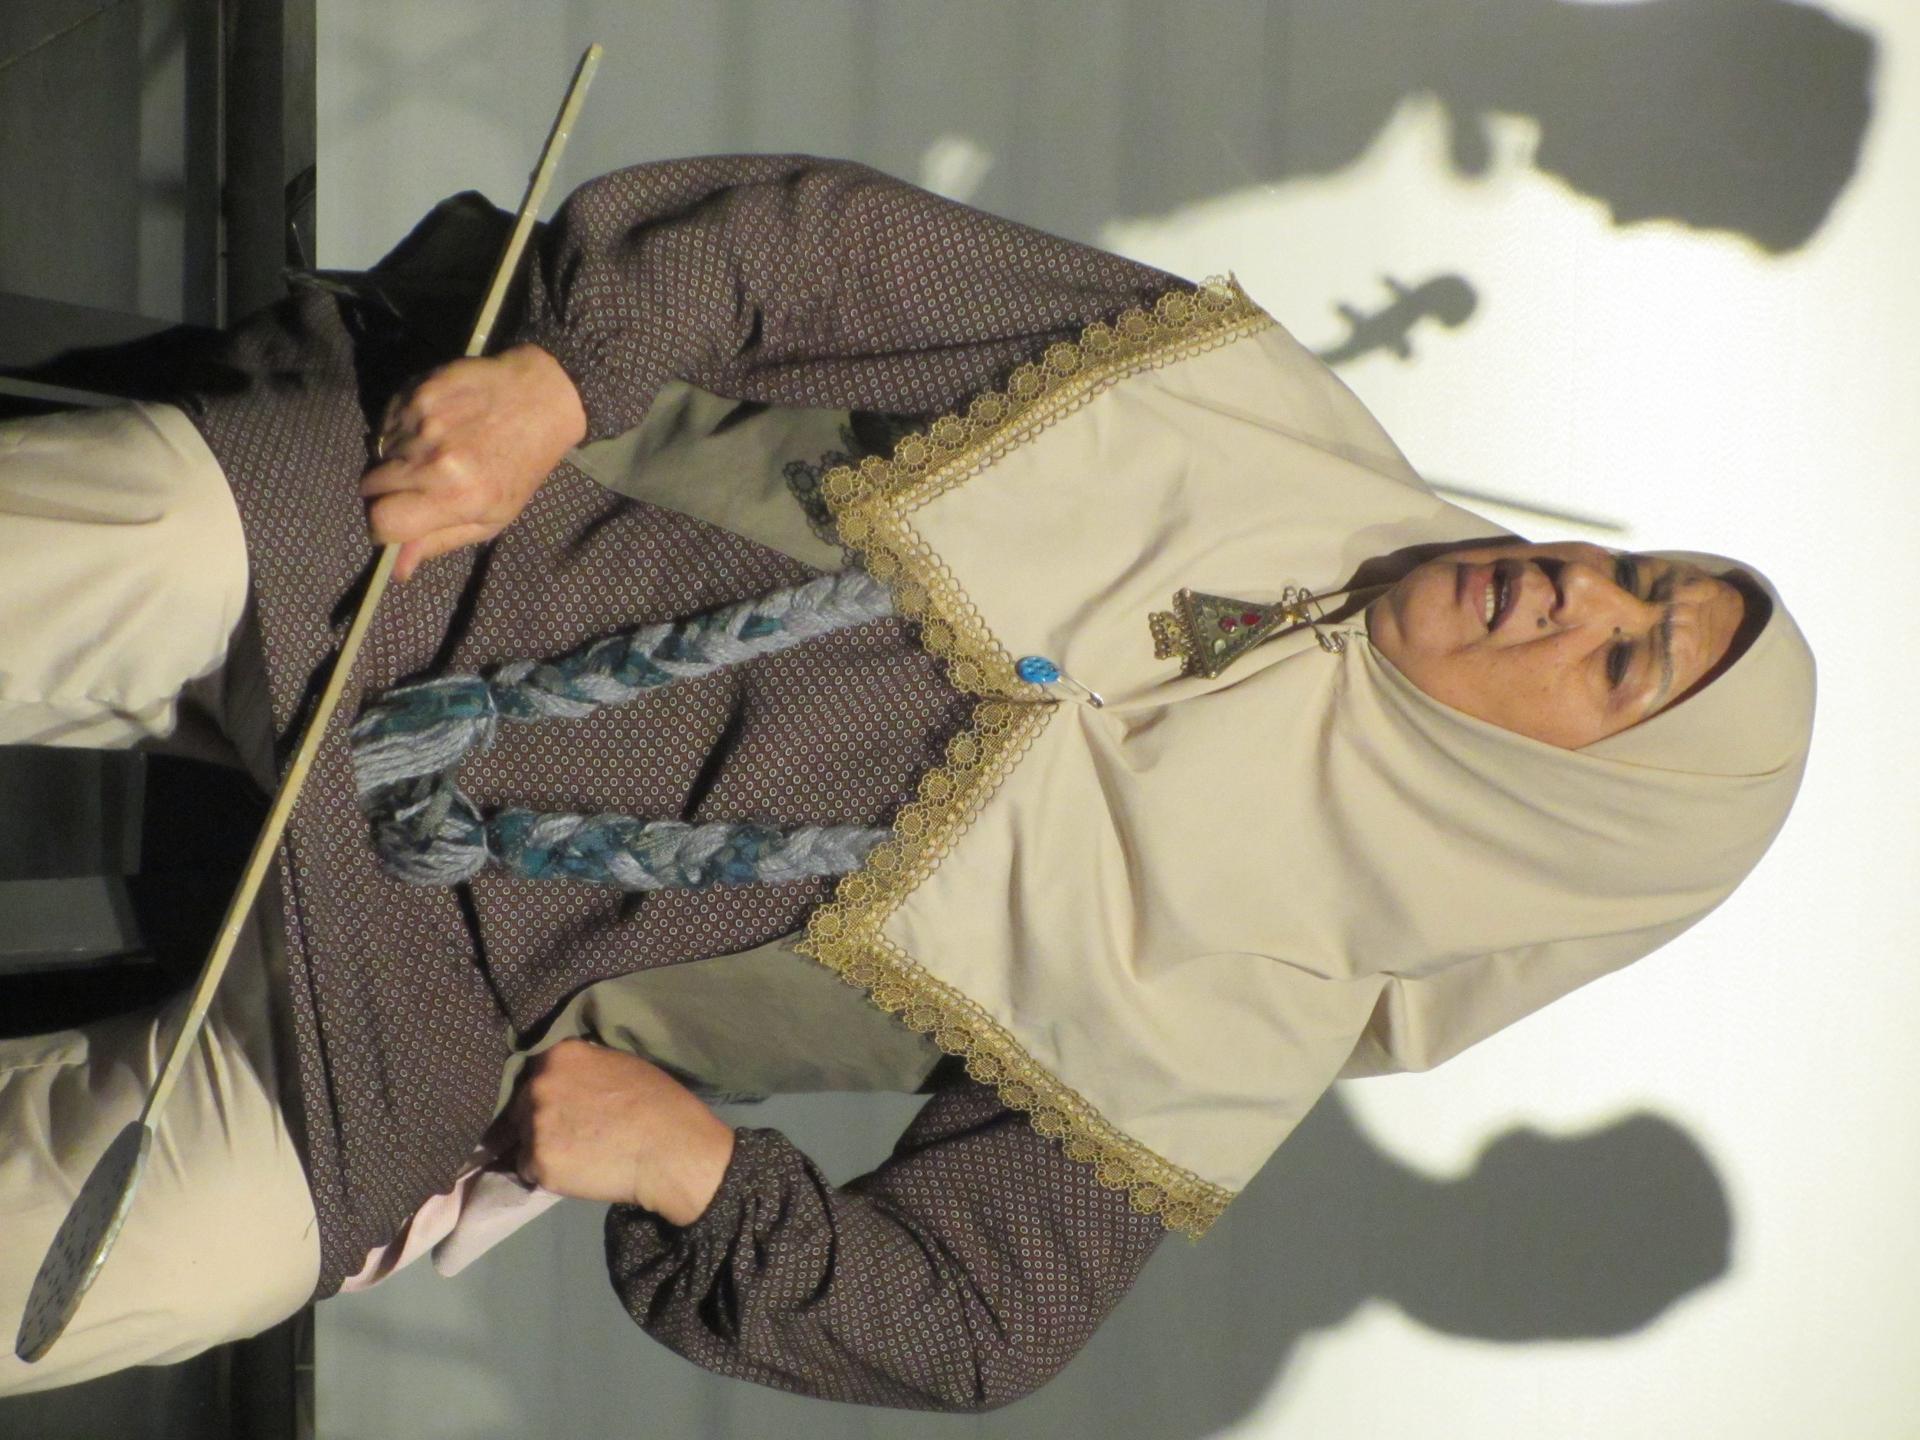 تصویری از جمیله ستودهنیا، بازیگر سینما و تلویزیون در حال بازیگری سر صحنه یکی از آثارش